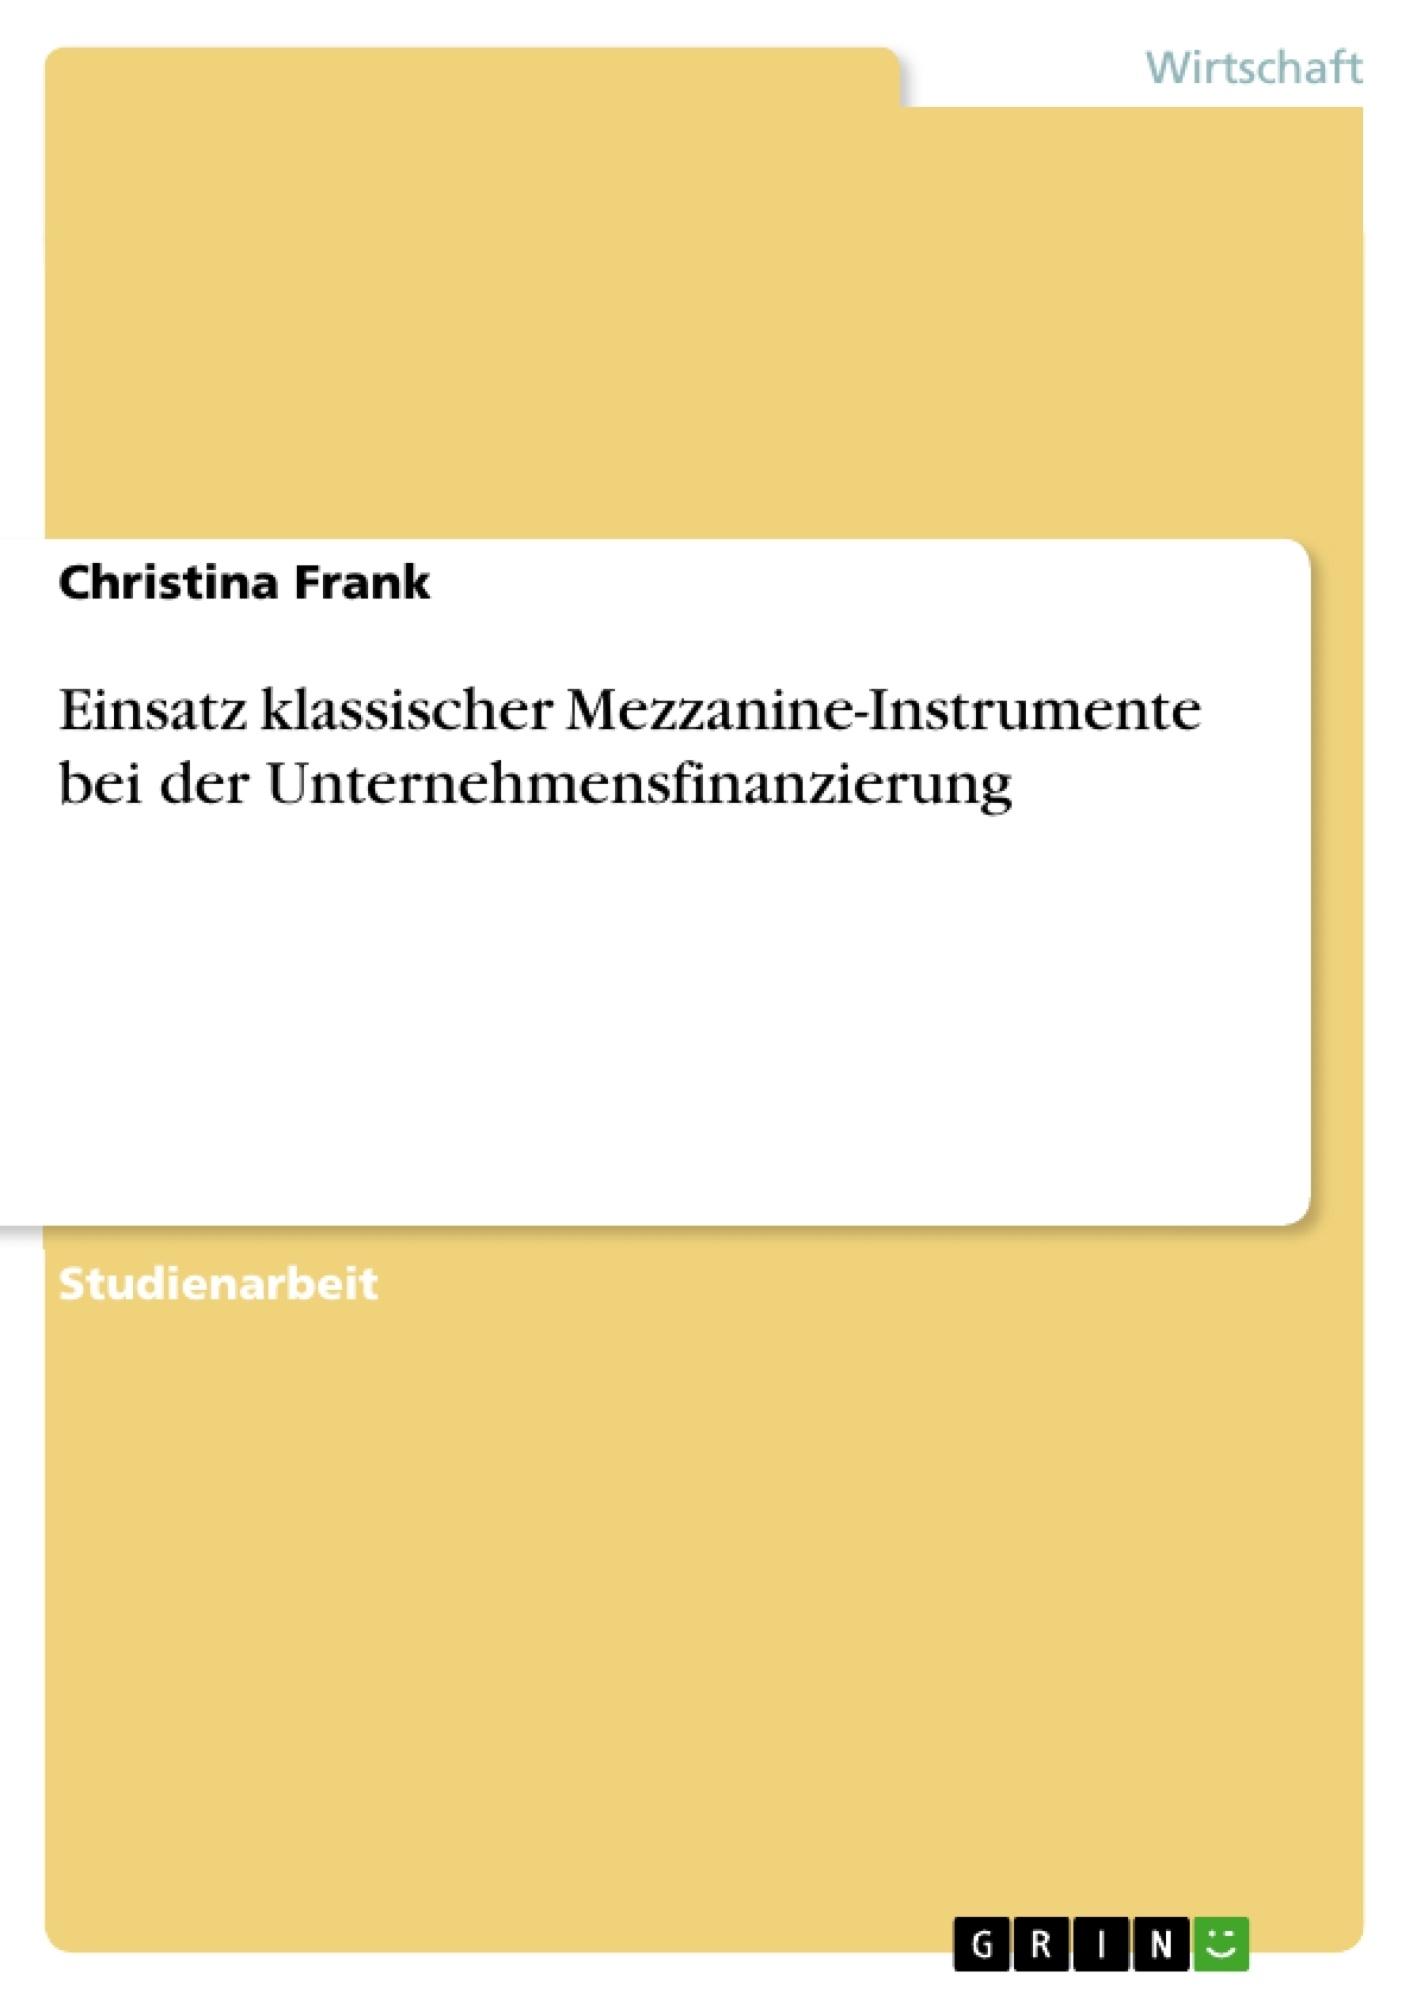 Titel: Einsatz klassischer Mezzanine-Instrumente bei der Unternehmensfinanzierung